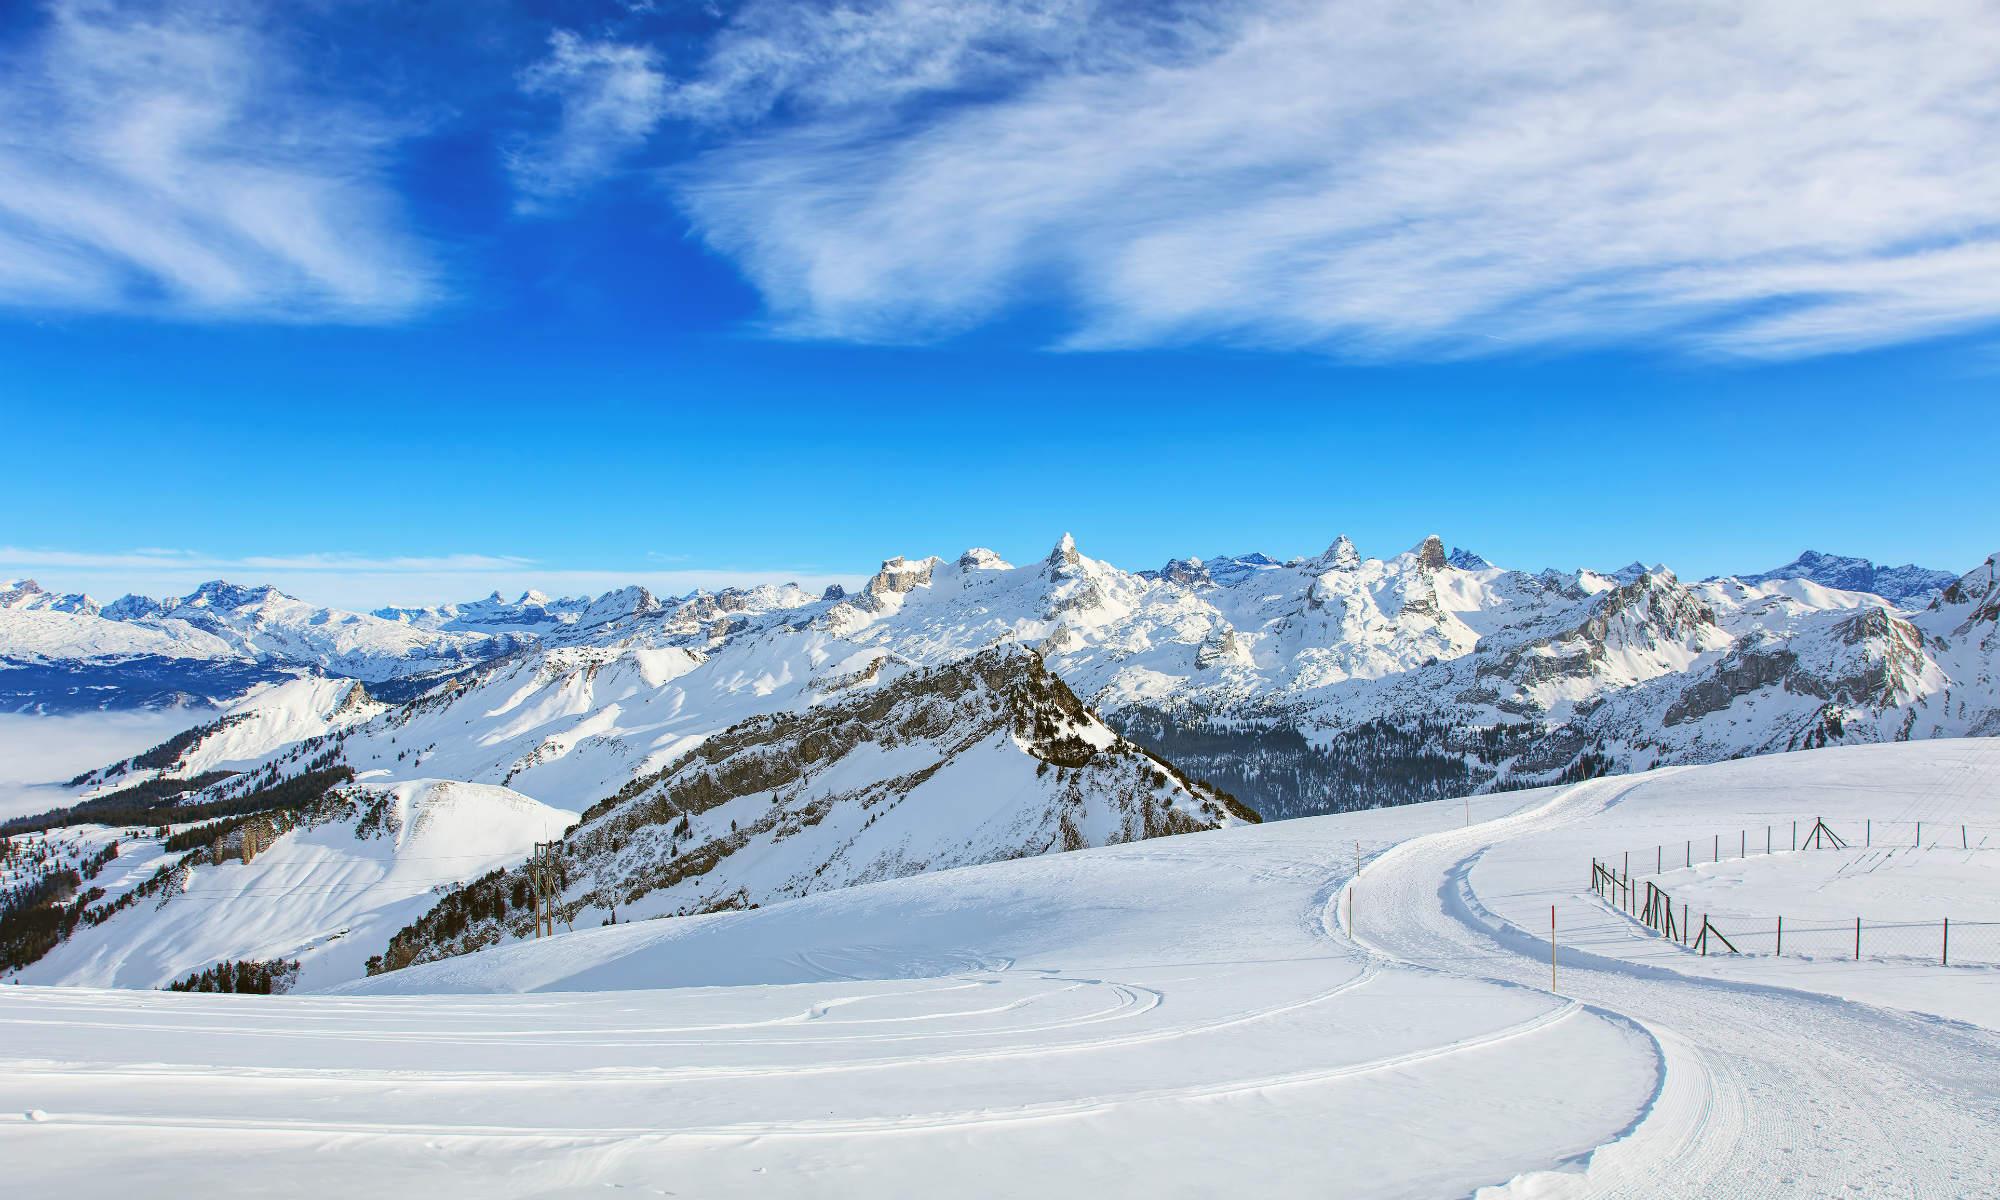 Ausblick auf eine schneebedeckte Berglandschaft in den Alpen.